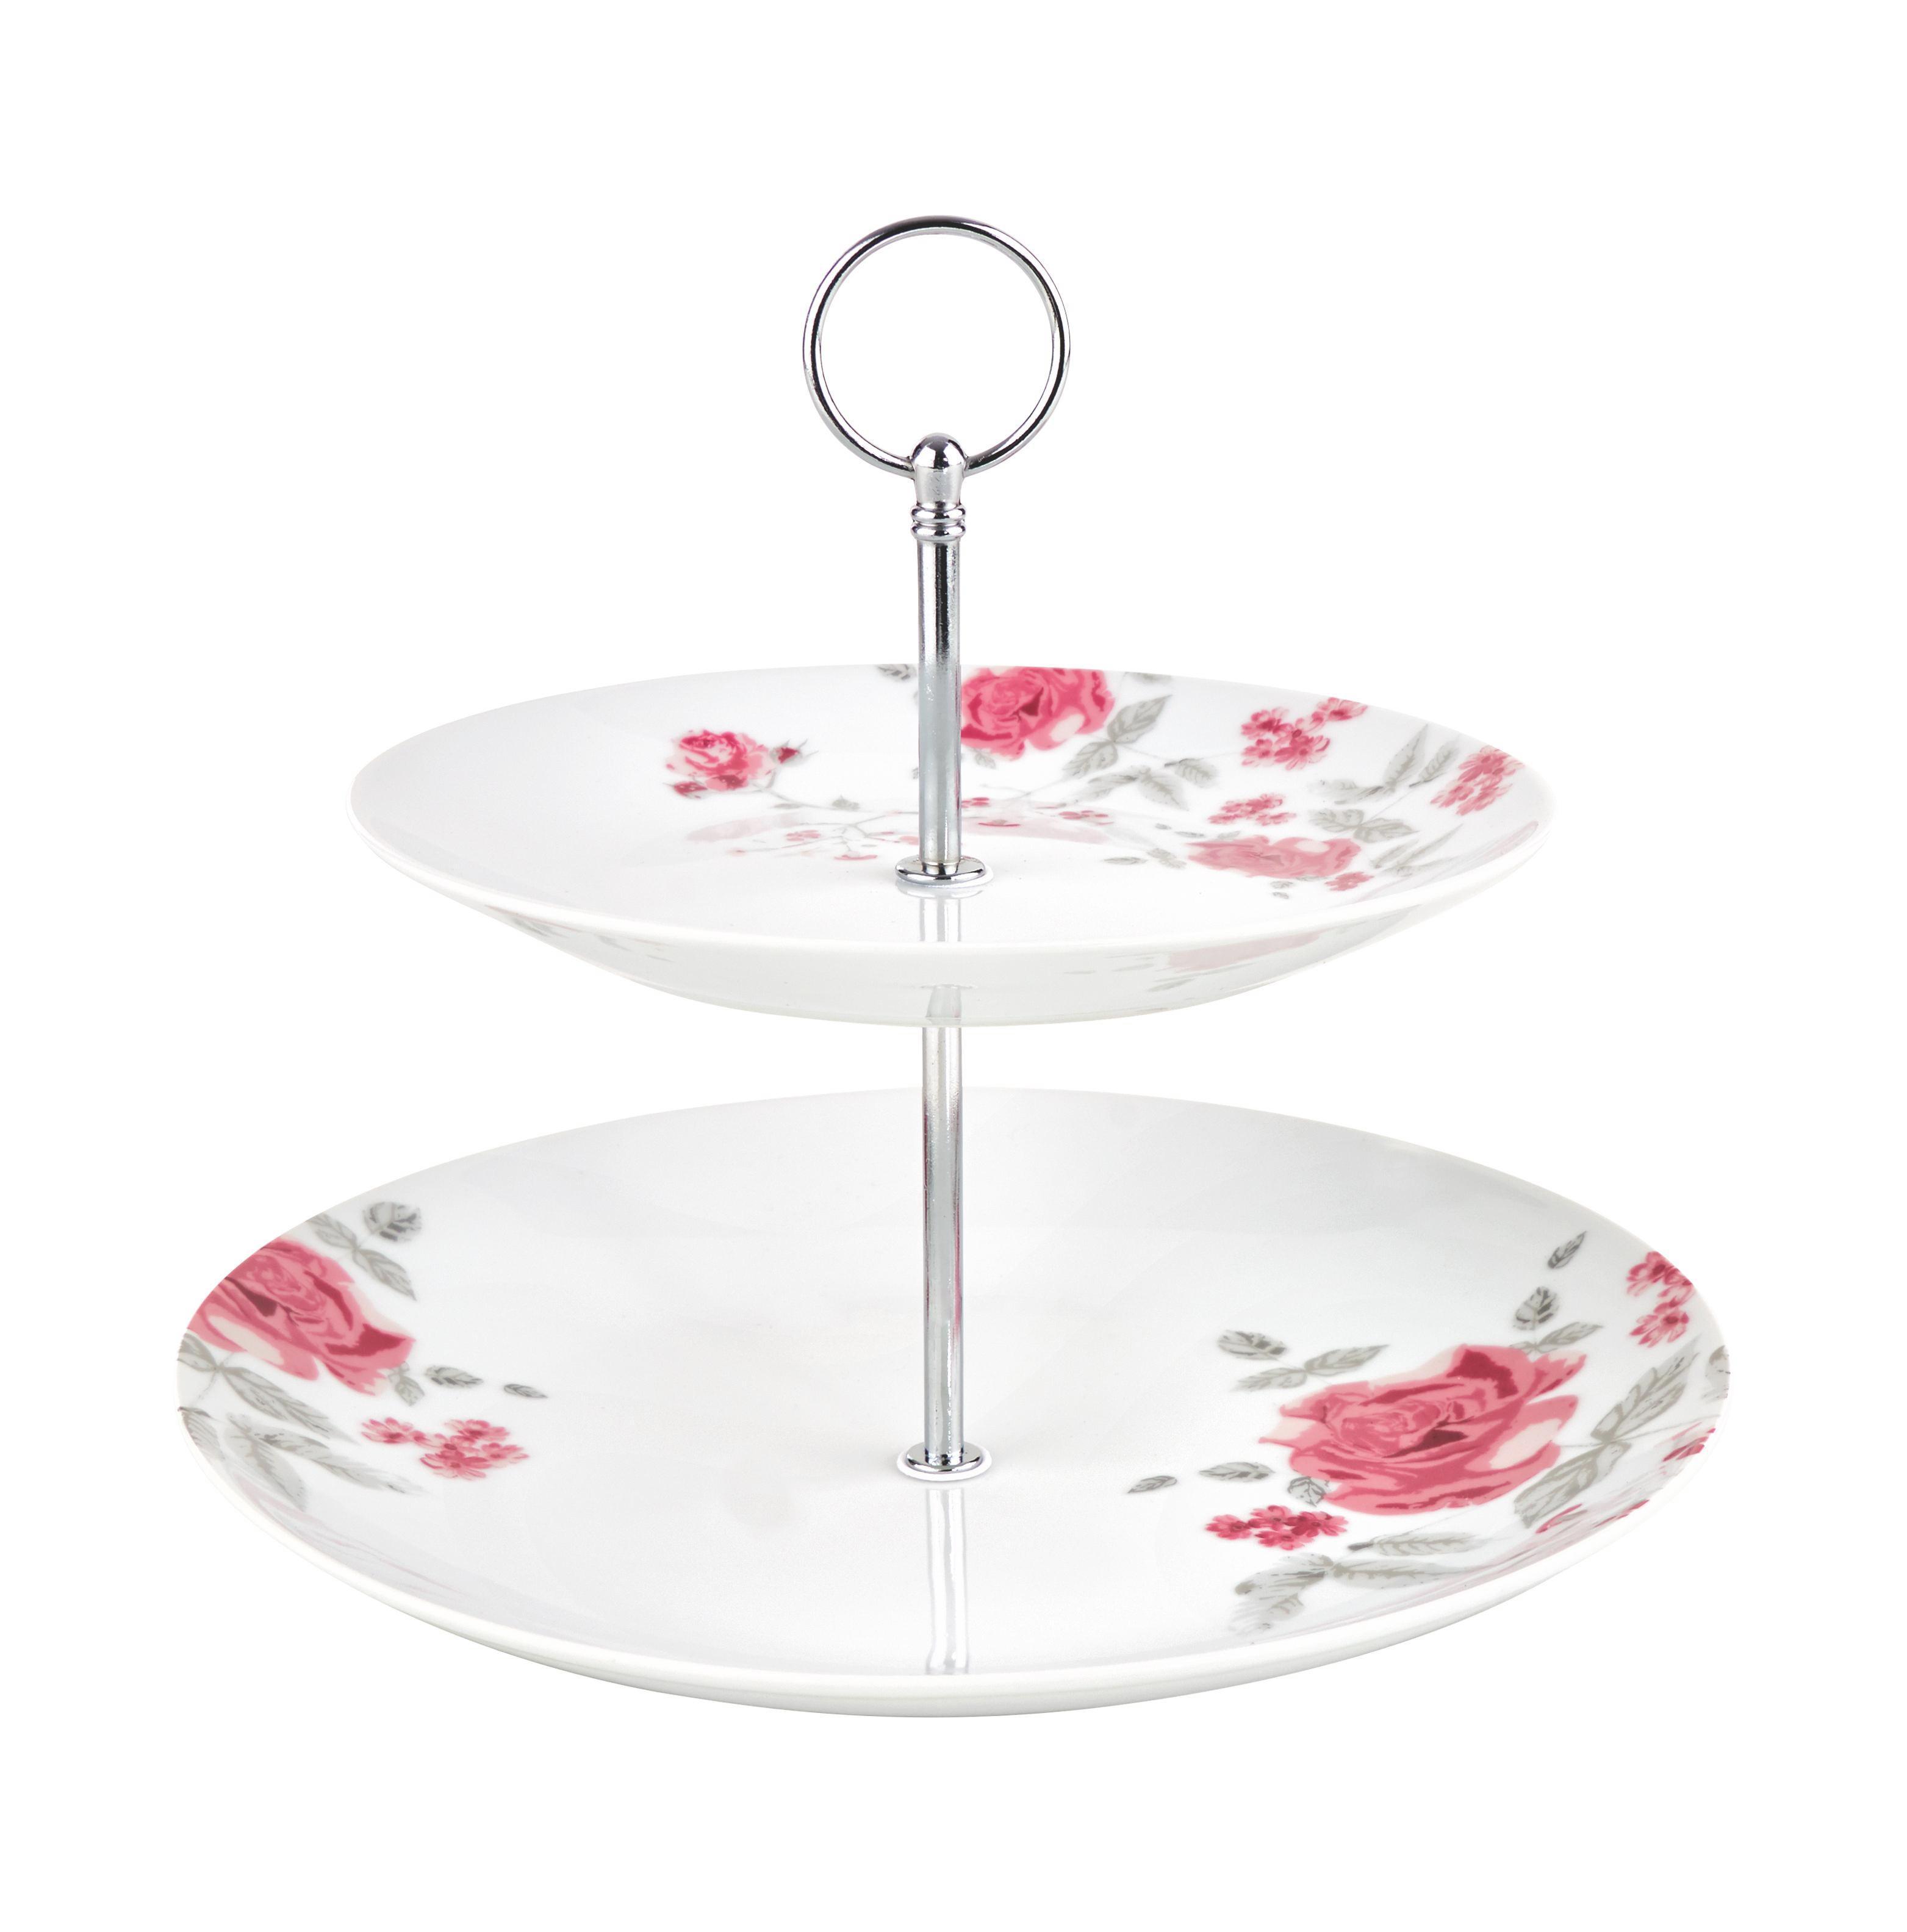 Süteményes Állvány Roseanne - pink/nemesacél színű, romantikus/Landhaus, fém/kerámia (27/23cm) - ZANDIARA